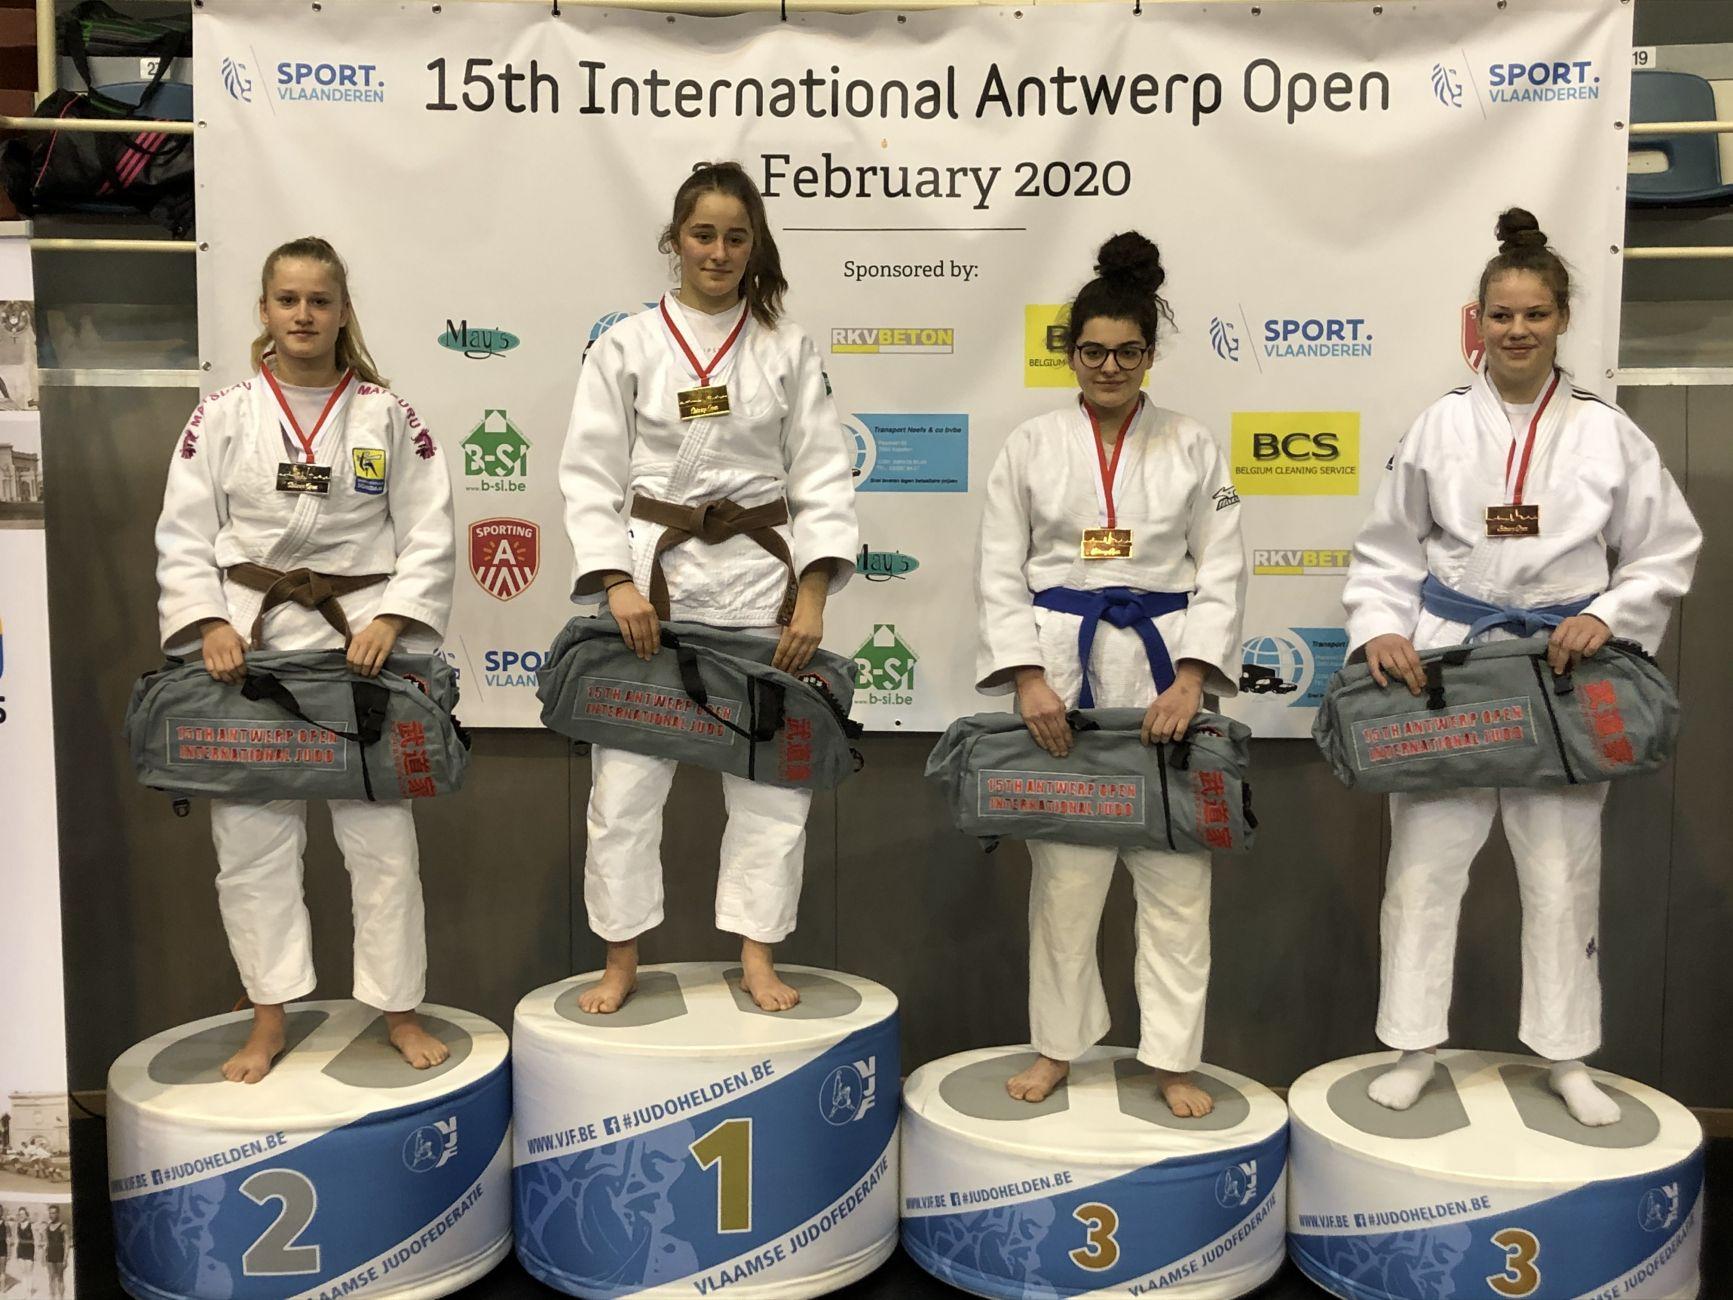 Lieke Breedveld wint zilver in Antwerpen